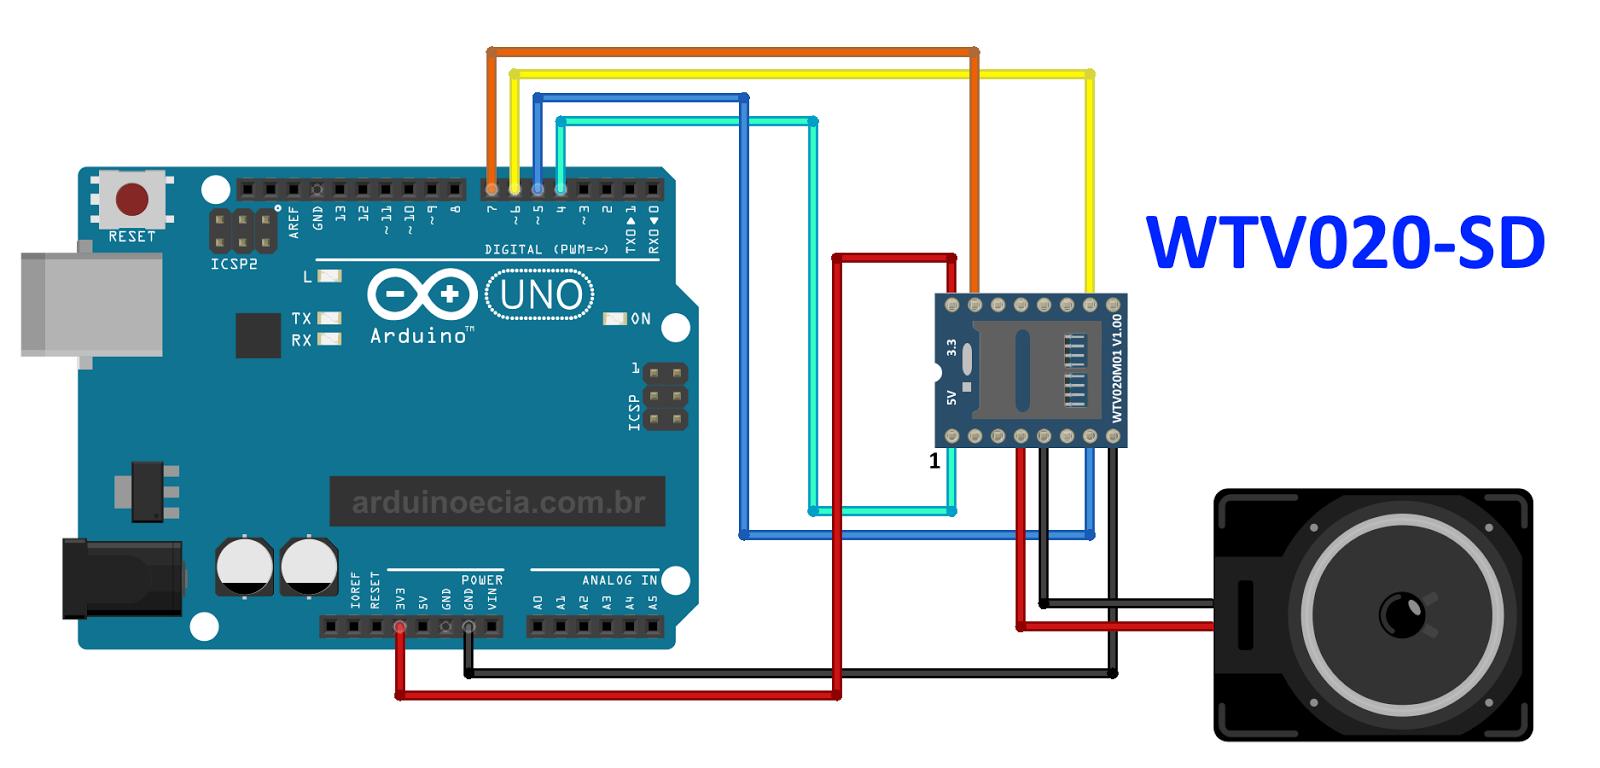 Como Utilizar Efeitos Sonoros No Seu Projeto Com O Mdulo Mp3 Wtv020 Segue Abaixo Desenho Do Circuito Se Voc Quiser Montar Arduino Uno E Modulo Sd